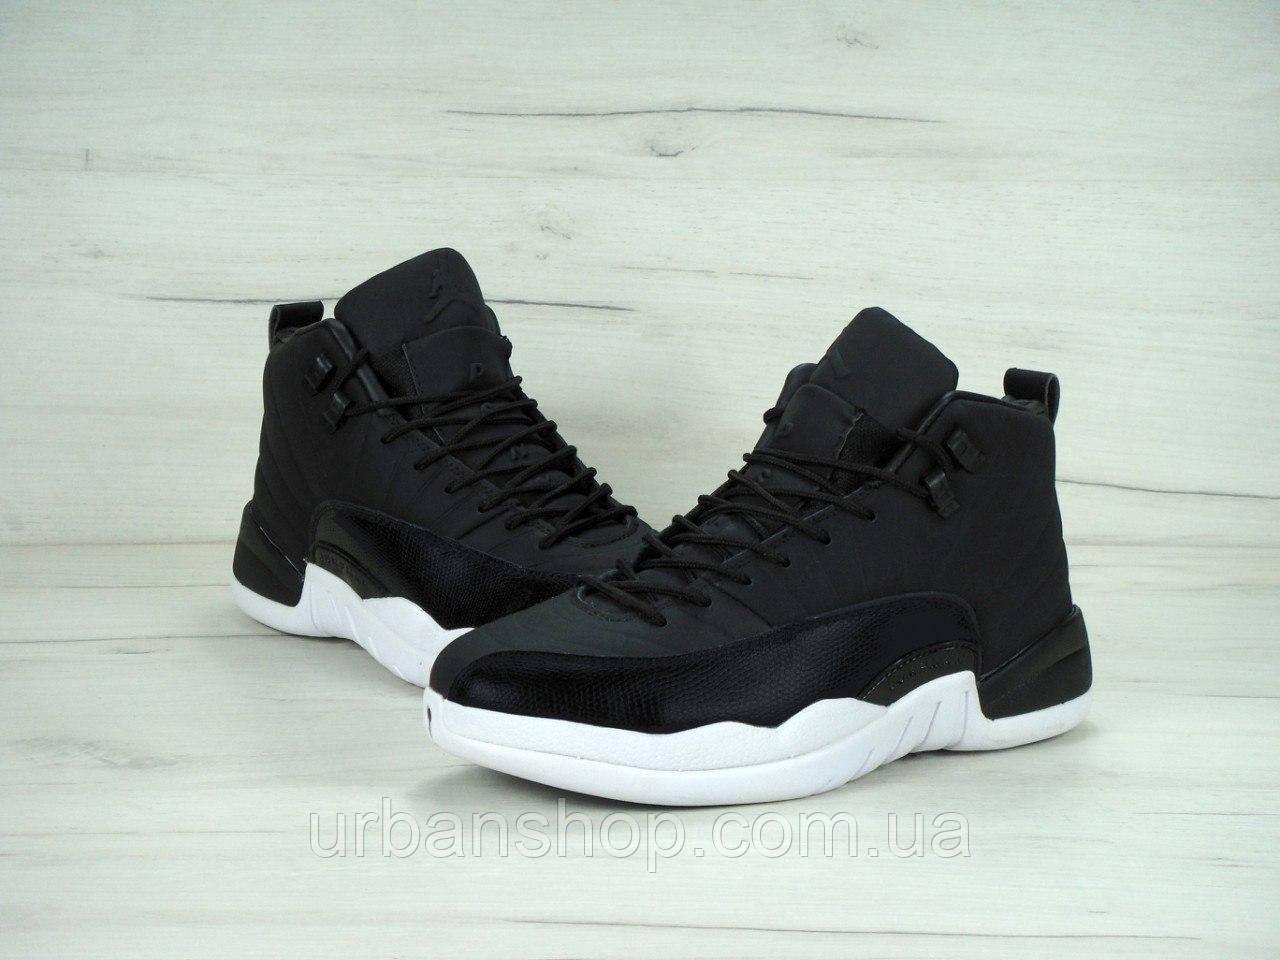 ... Мужские баскетбольные кроссовки Nike Air Jordan 12 XII Retro Black Nylon 7b278a807c958